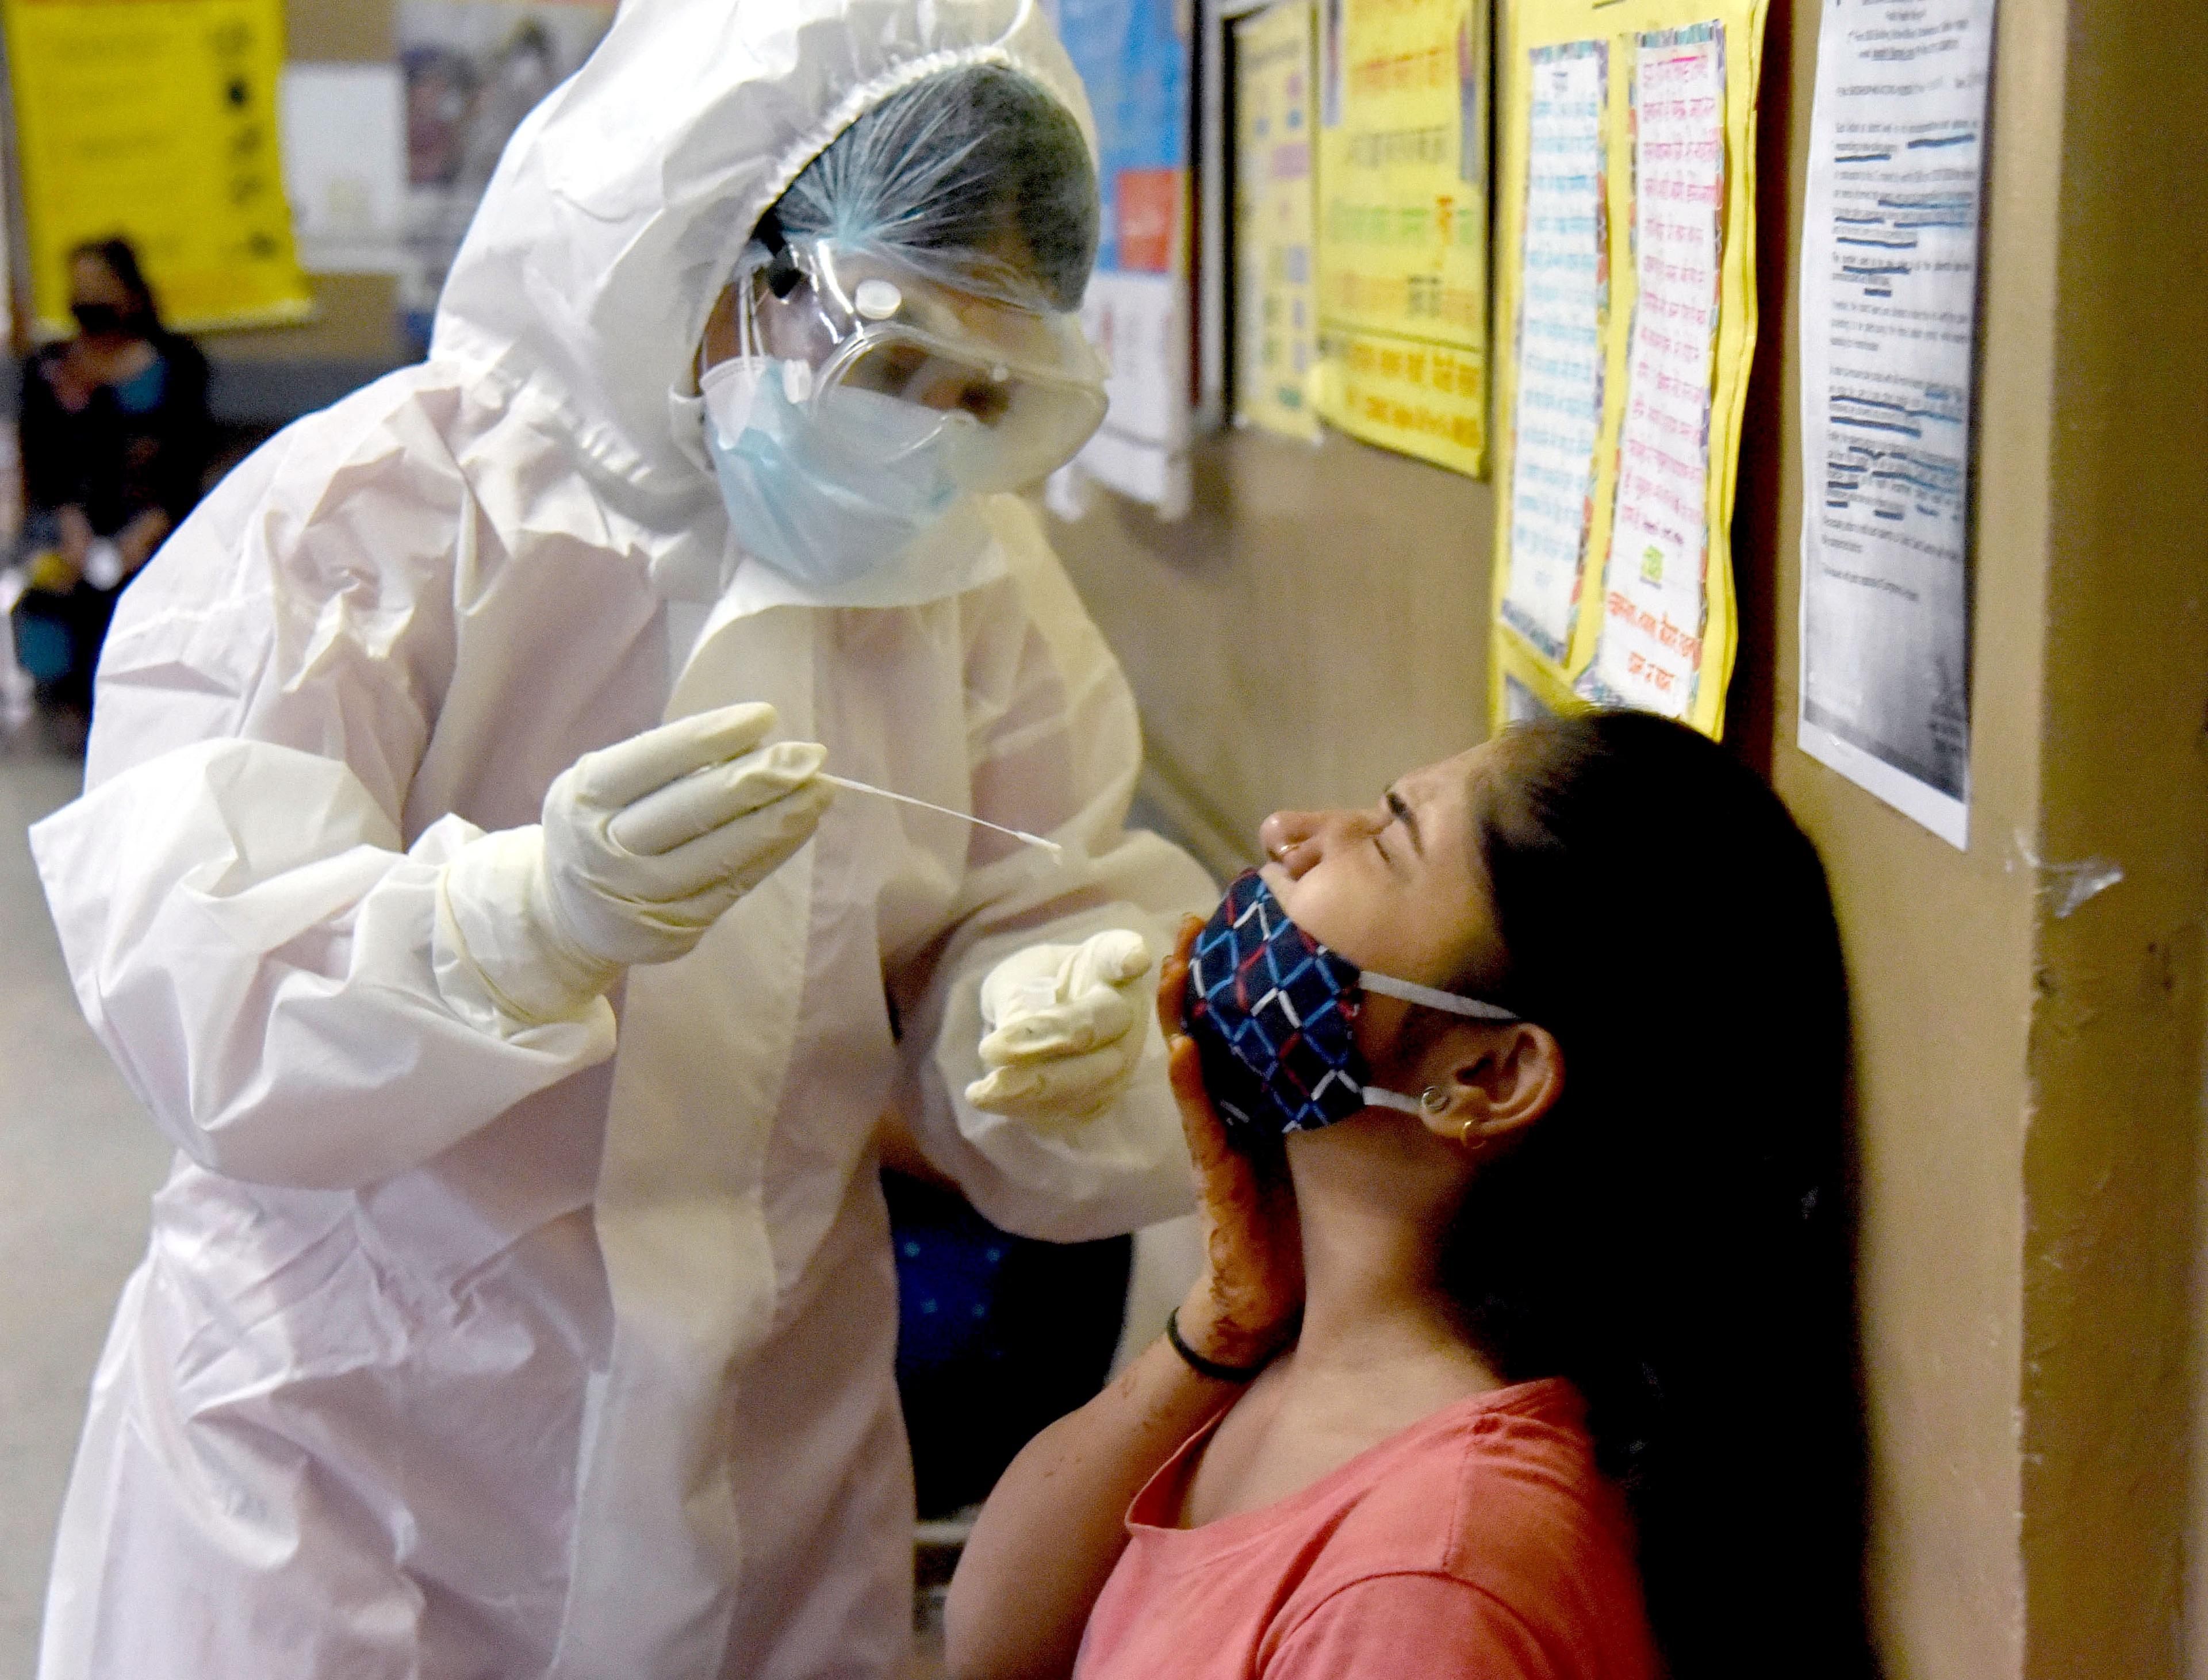 Coronavirus, Coronavirus tests